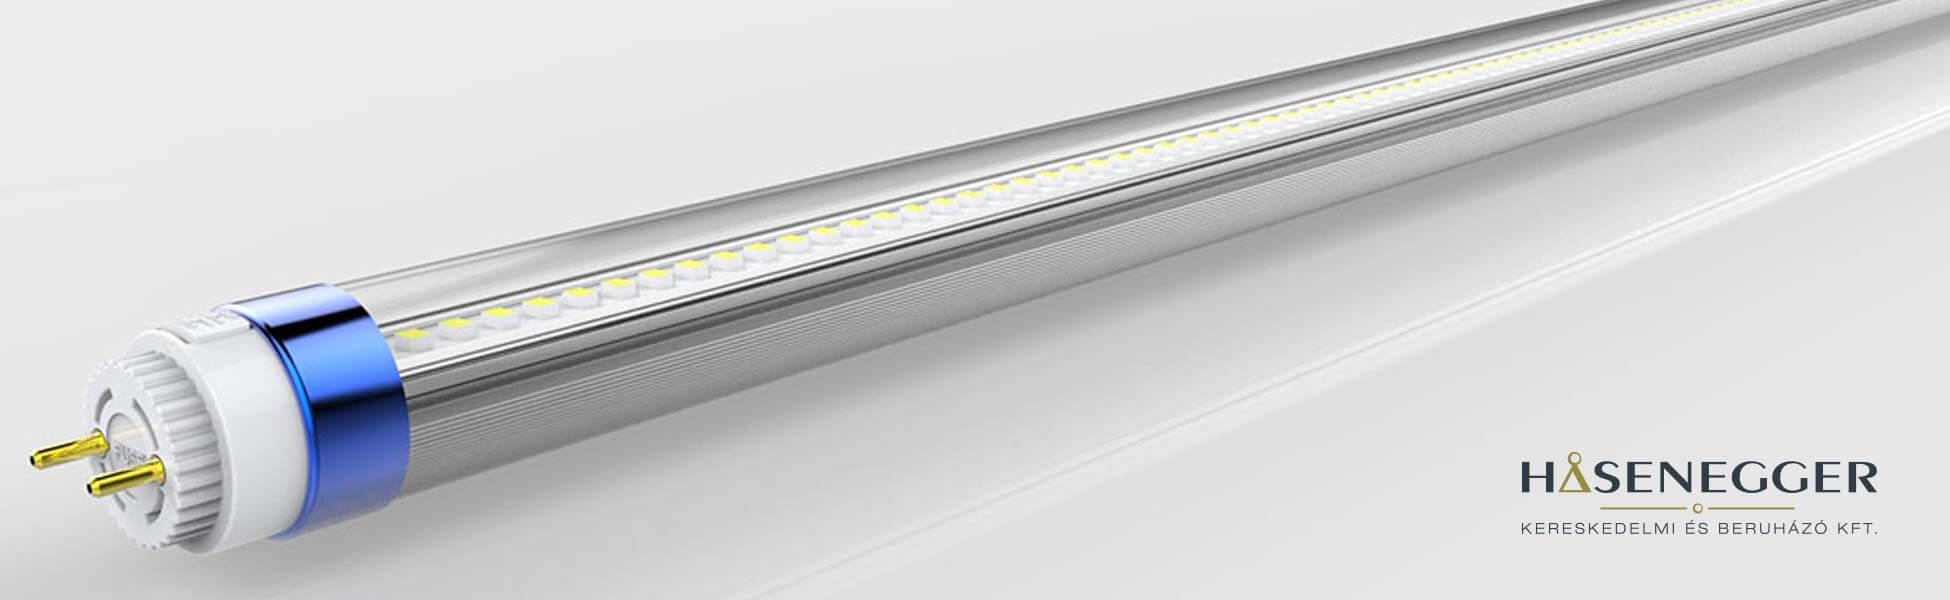 LED Fénycsövek garanciával